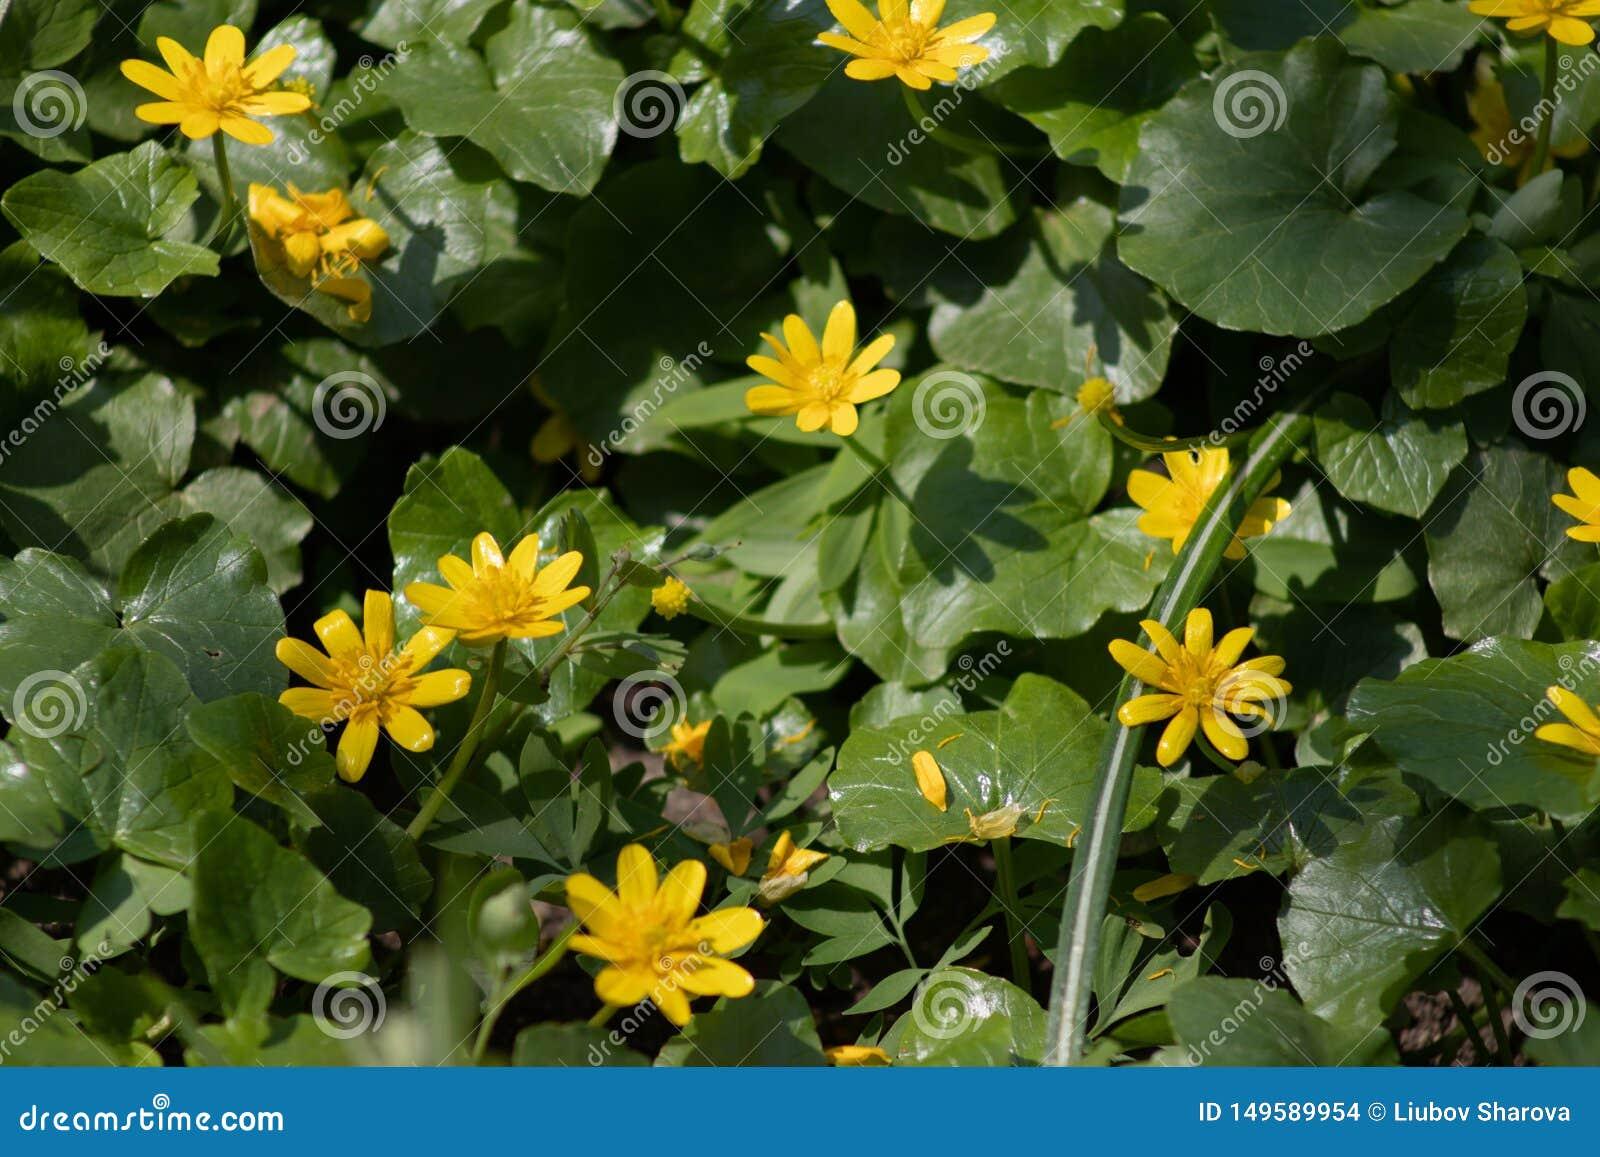 Muitas flores amarelas pequenas na floresta, flores da floresta da mola no fundo das folhas verdes